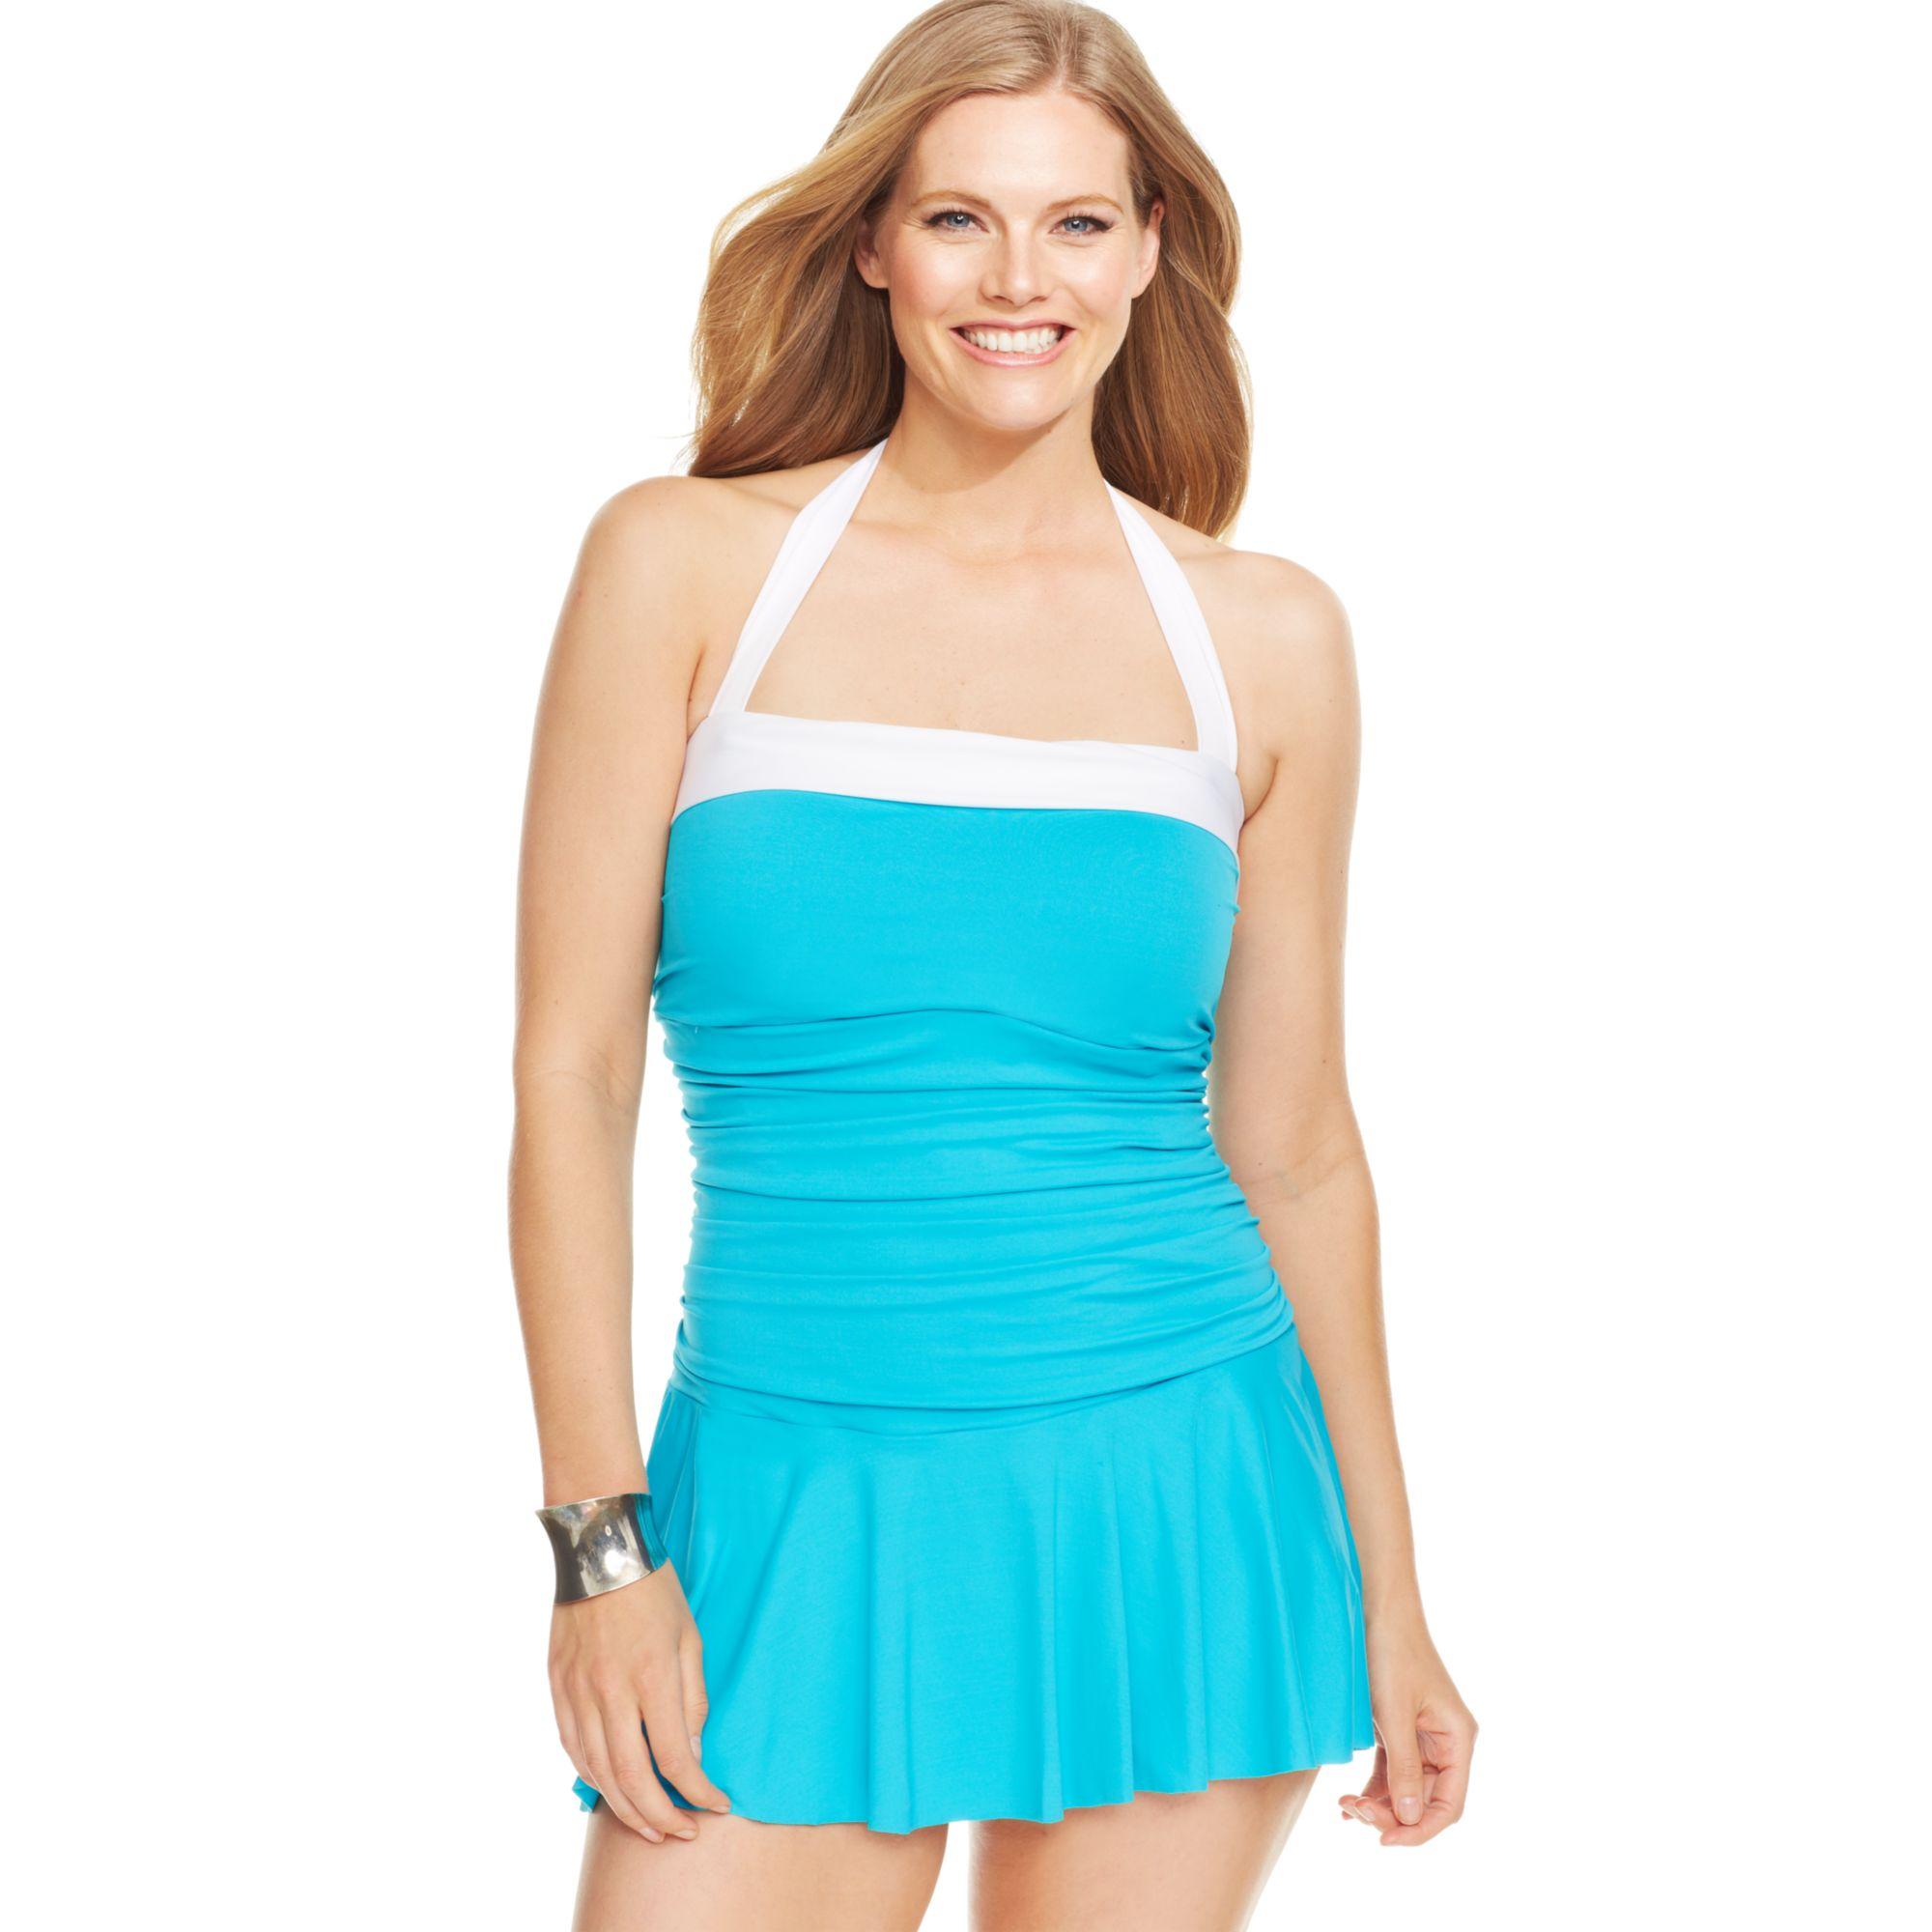 46f30903dda Lauren by Ralph Lauren Plus Size Colorblocked Halter Swimdress in ...